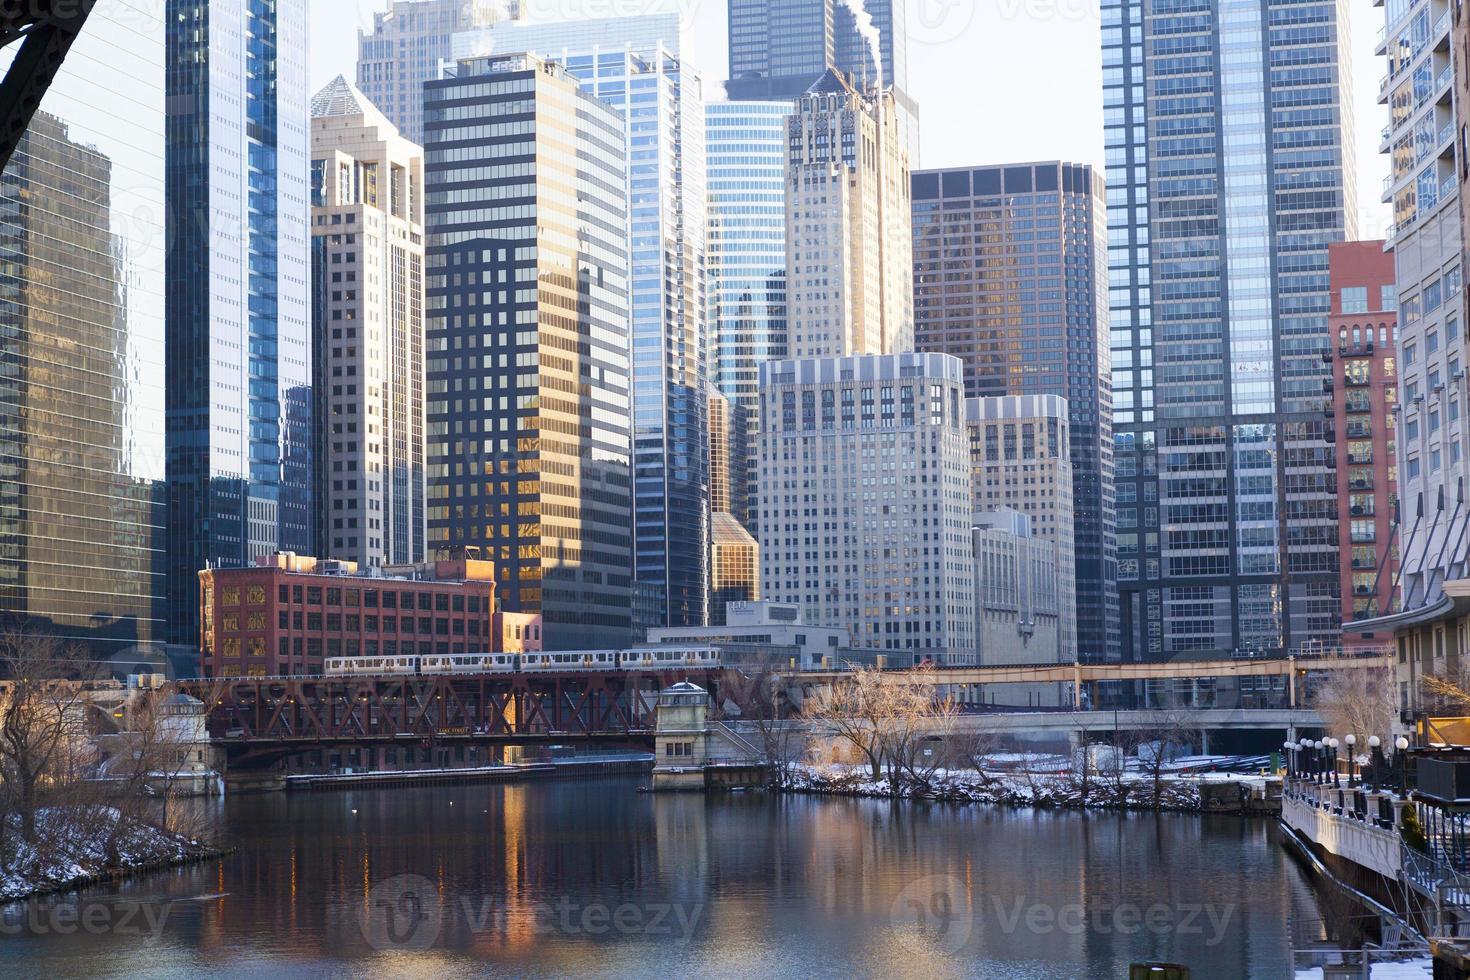 centro di Chicago foto